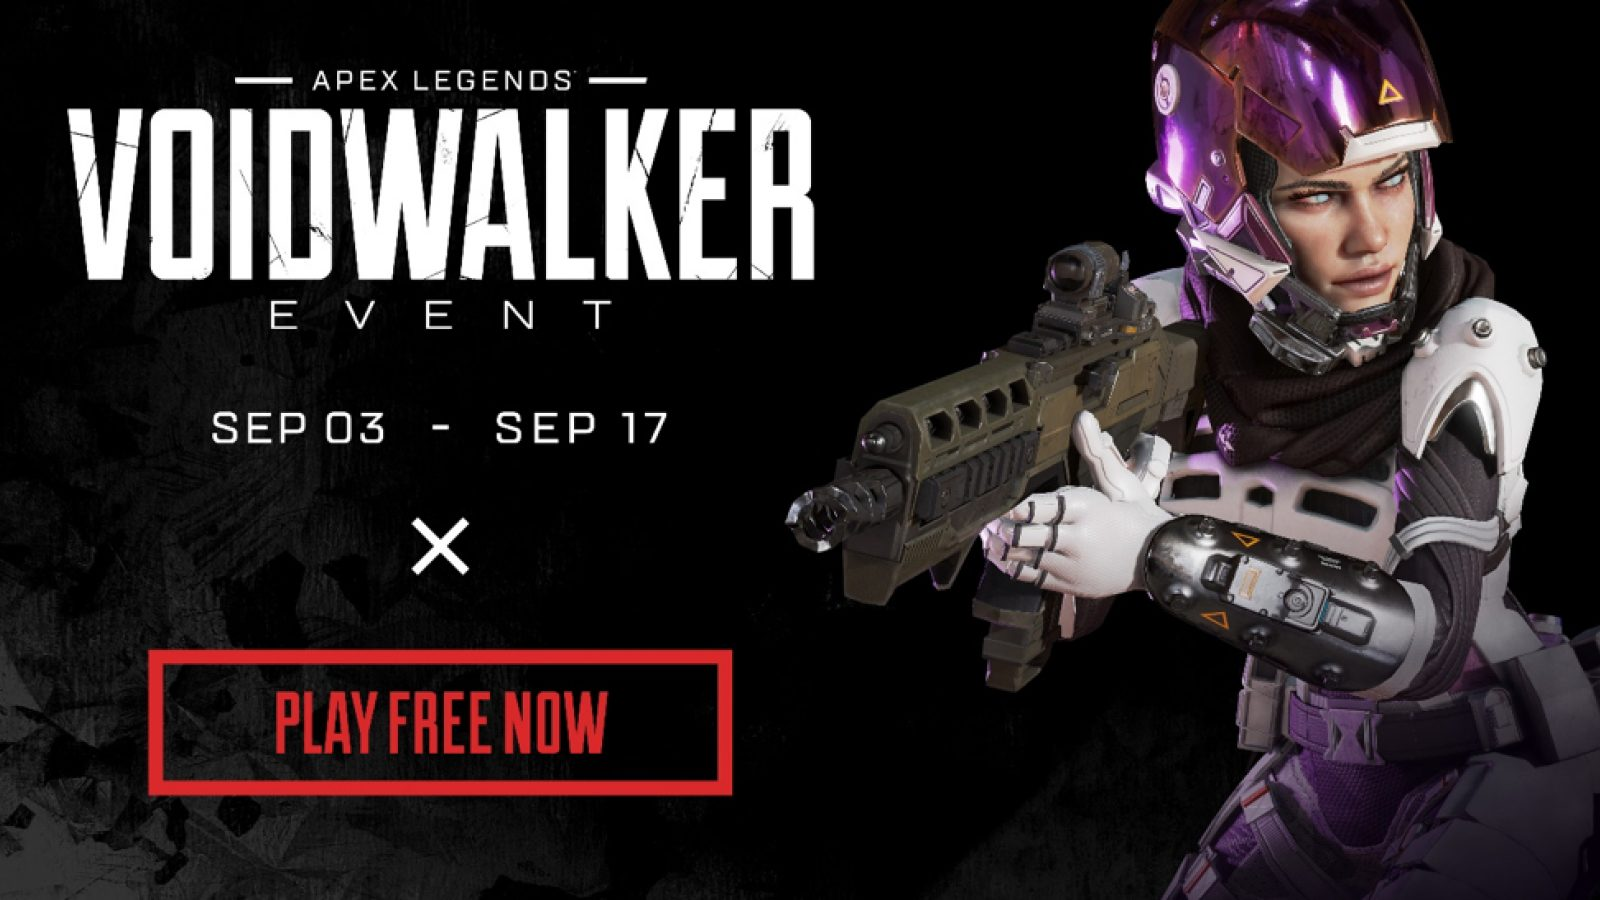 Respawn paljasti Voidwalker Apex -tapahtuman 2 viikko